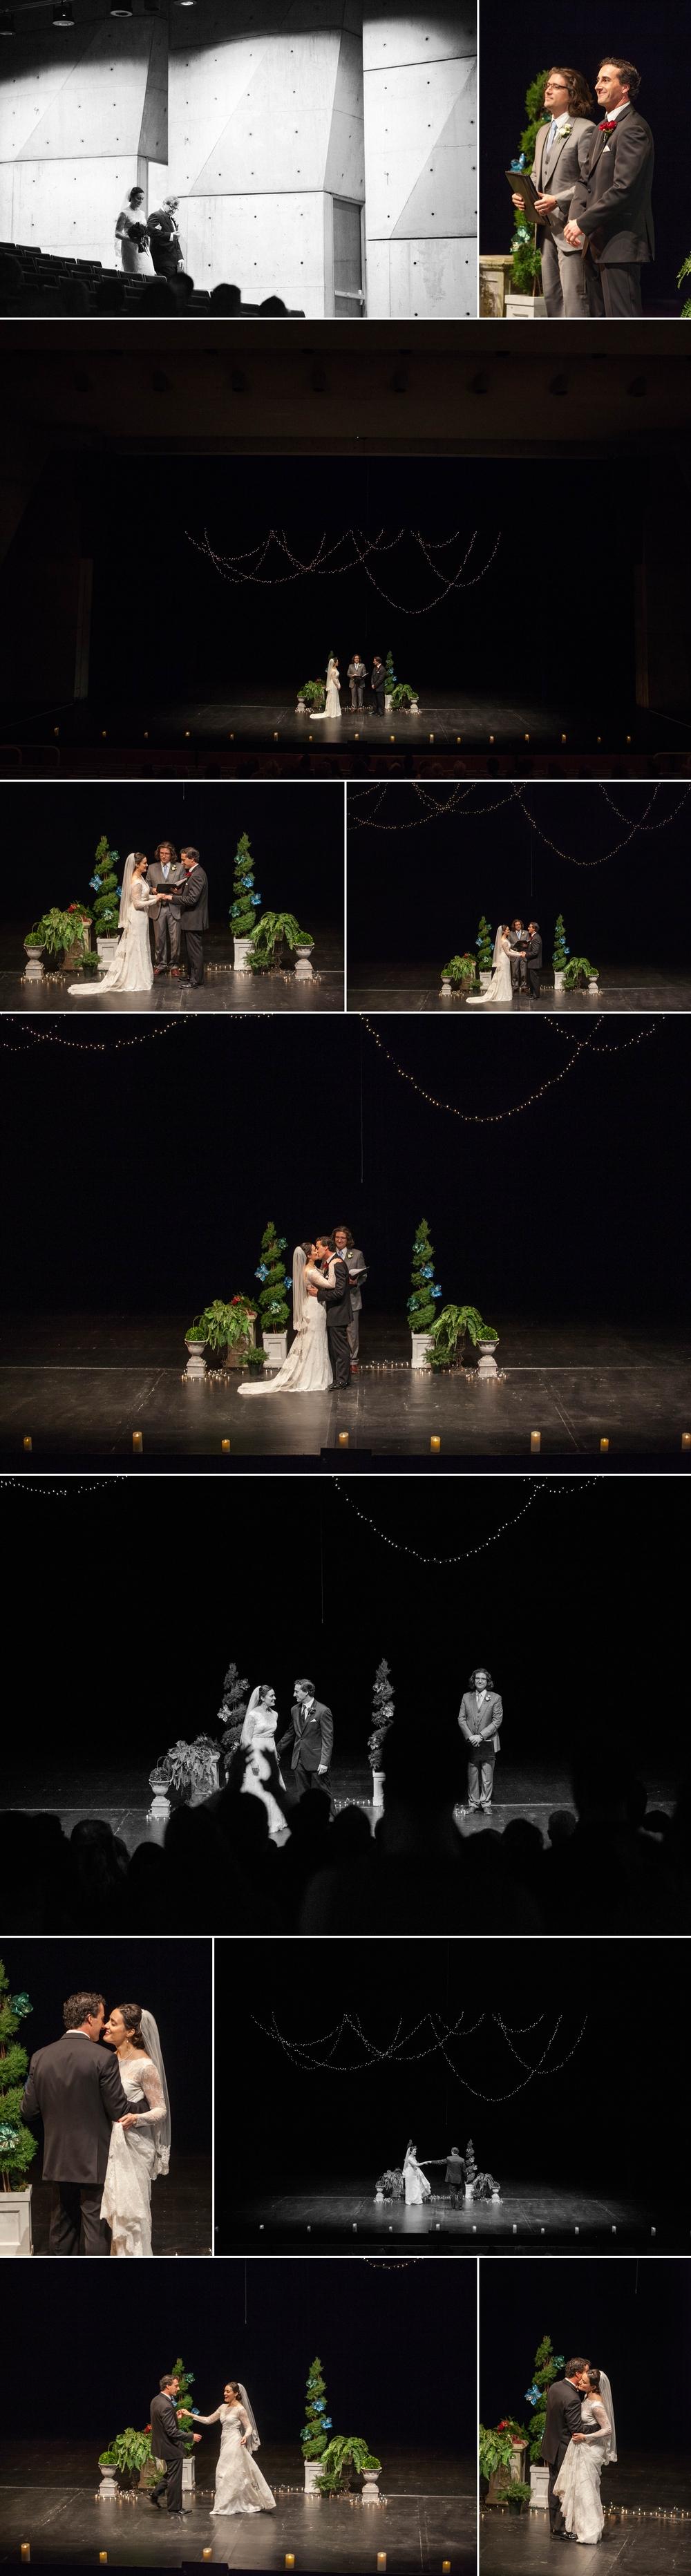 bride-wedding-shoes-park-bridal-portrait-groom-bouquet-ceremony-3